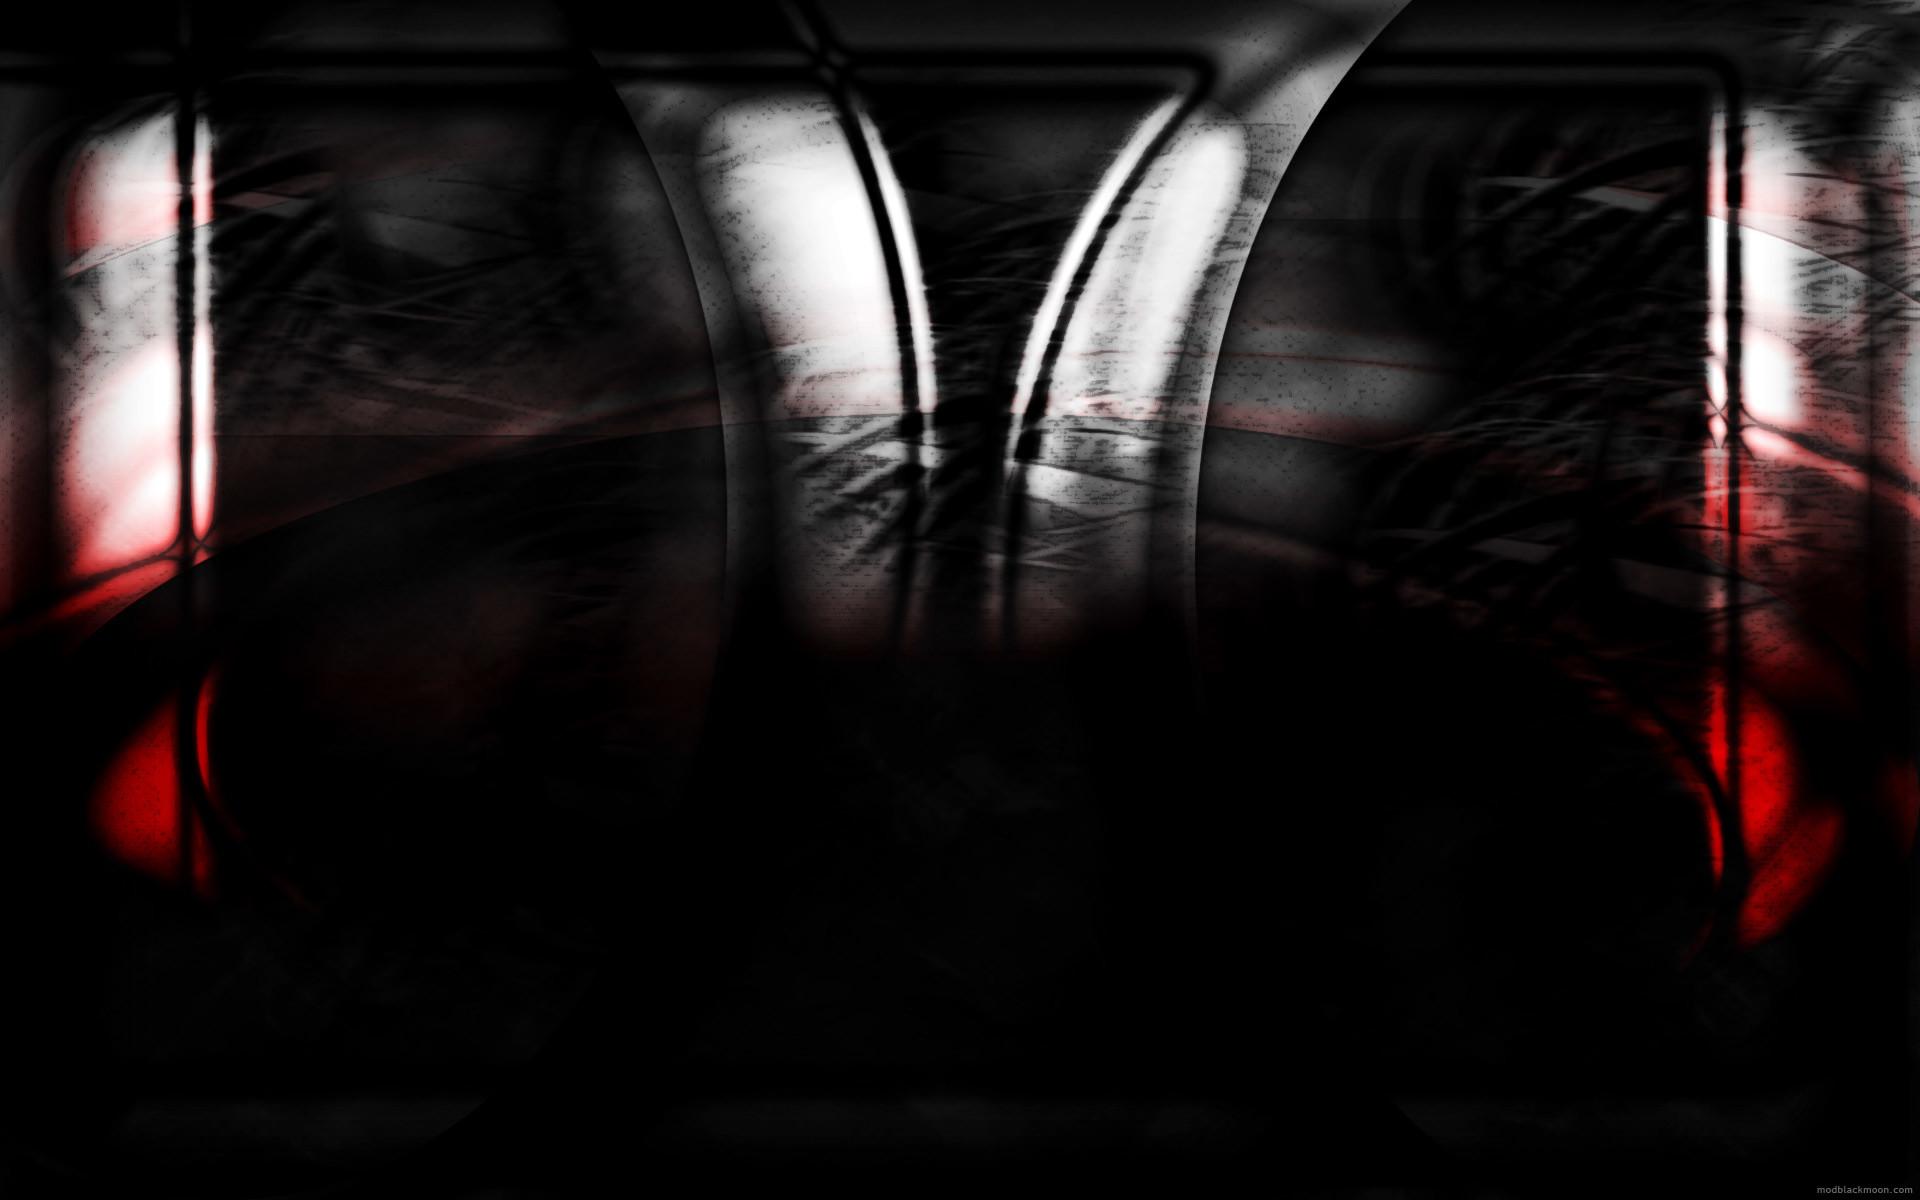 … HD Dark Abstract, Black Seal Wallpaper, Red Highlight, Hi-Tech